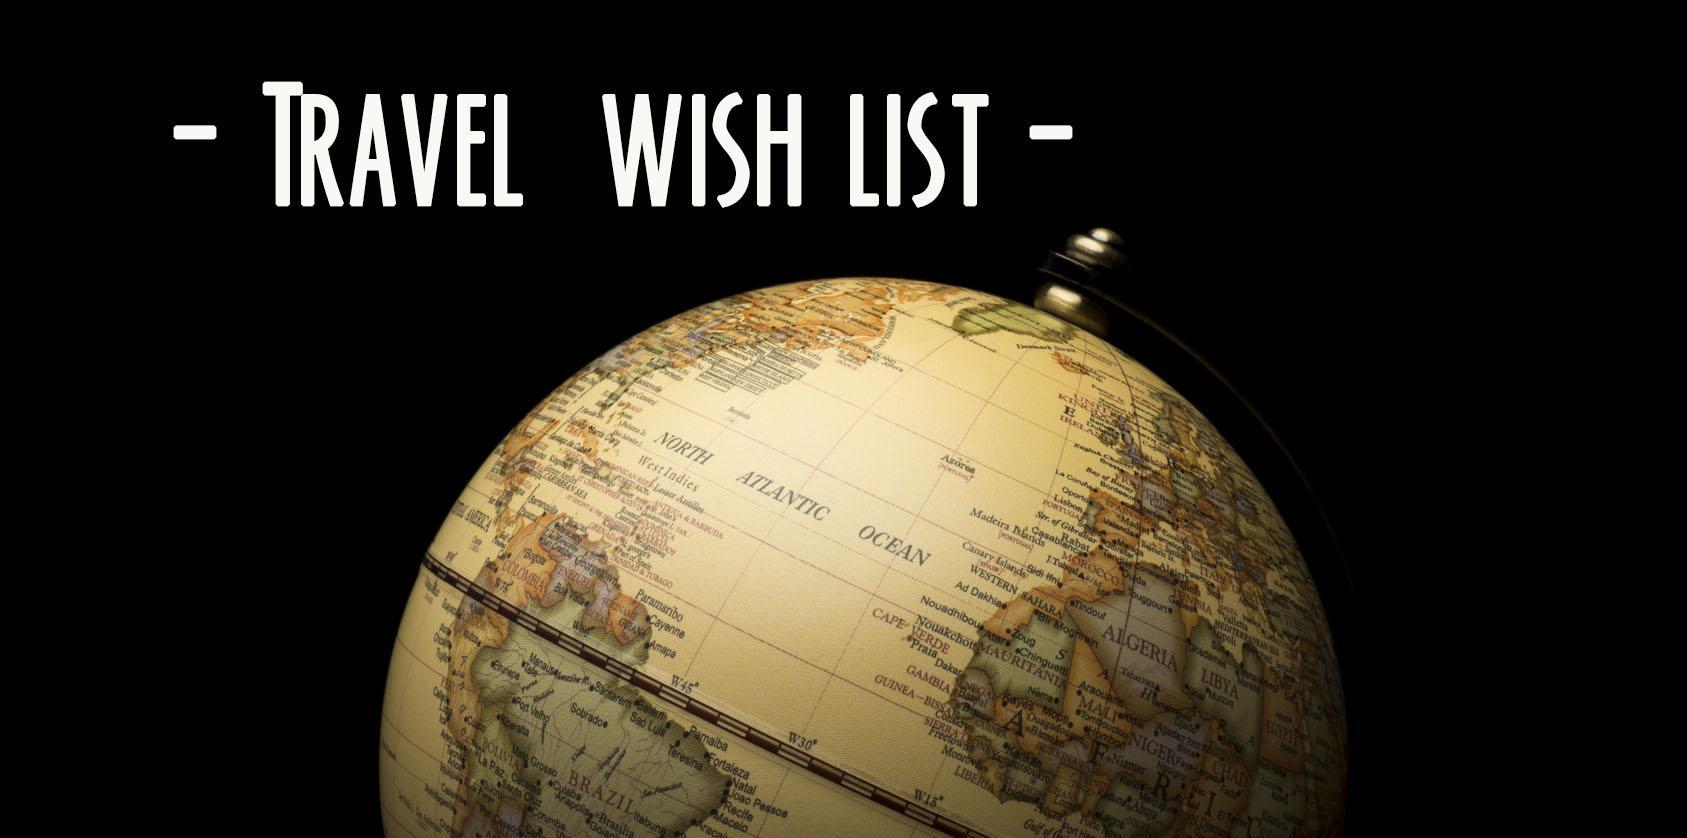 """Où aimeriez-vous partir cette année ? Partagez avec nous votre """"travel wish list"""" de 2015 ! #voyage http://t.co/KknhpZuuPD"""